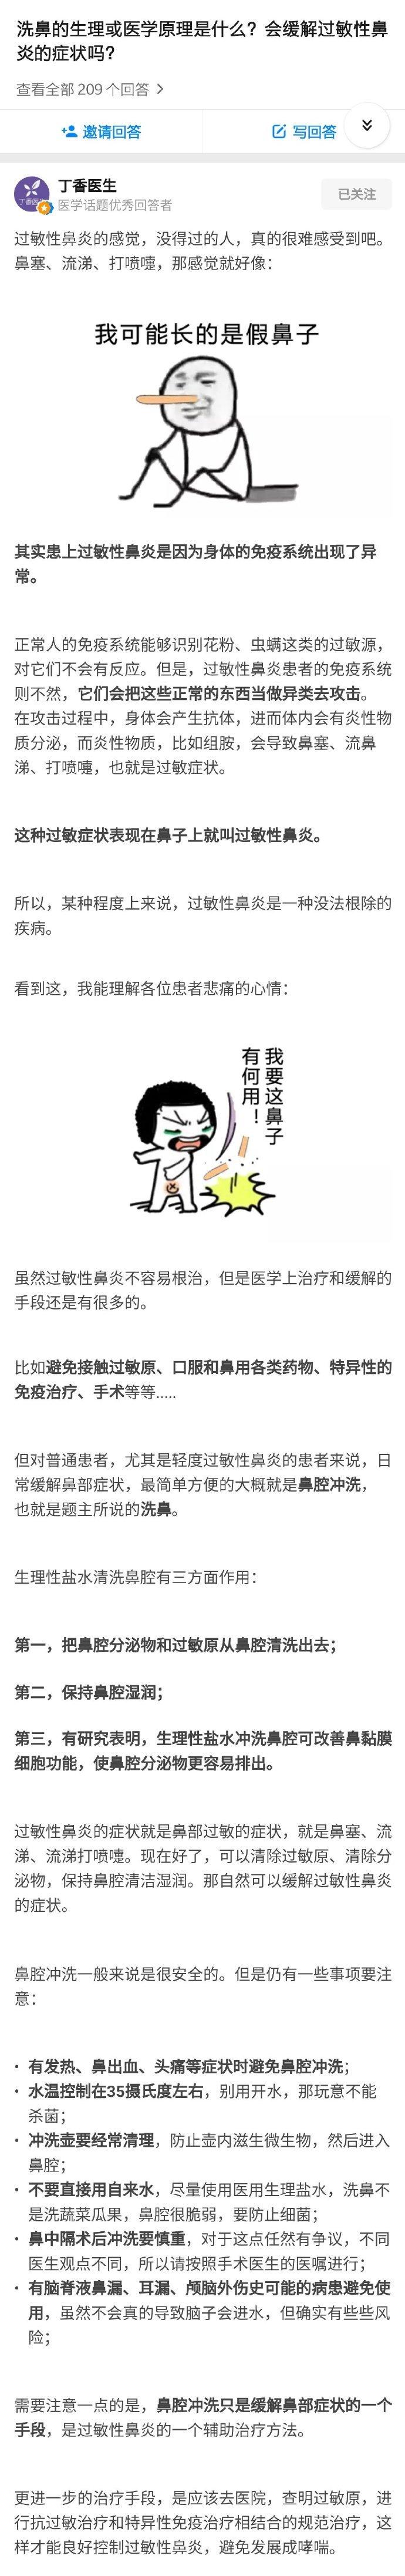 丁香科普:得了过敏性鼻炎怎么办? 涨姿势 第1张